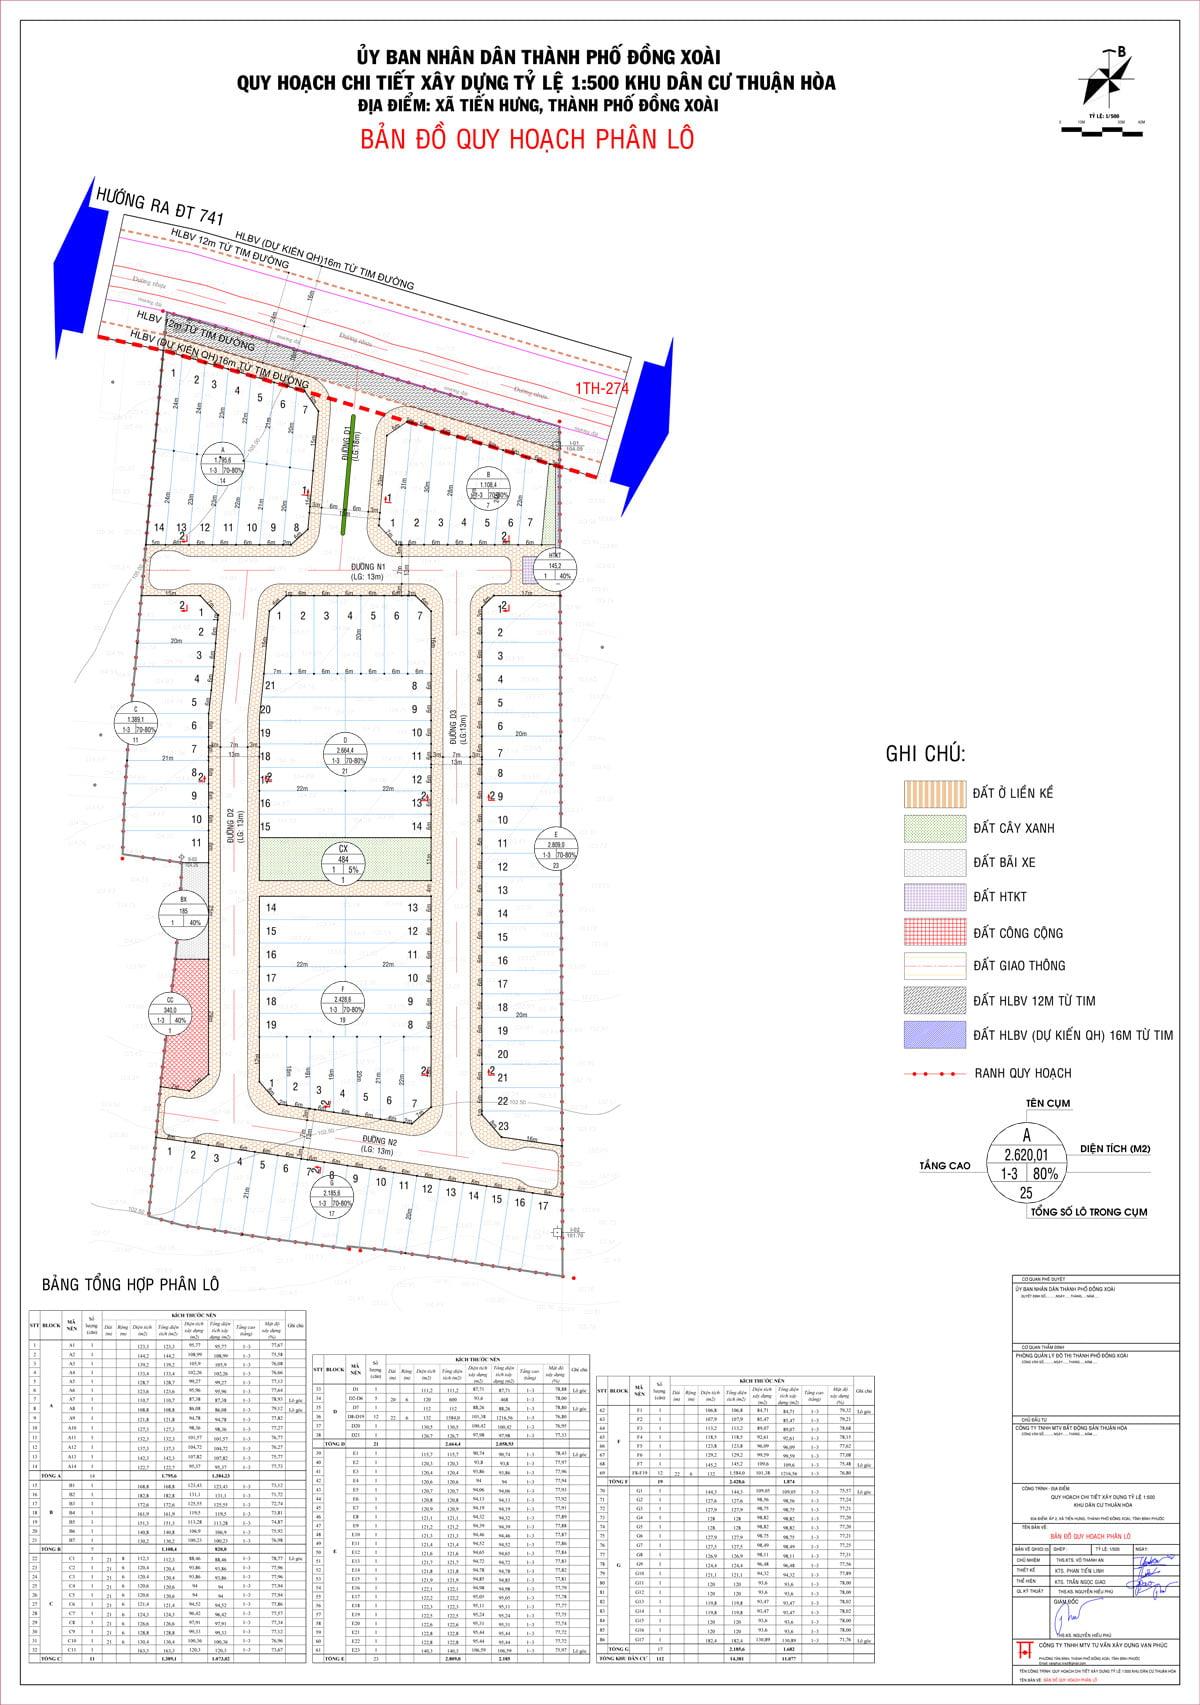 Mặt bằng Quy hoạch Dự án khu dân cư Thuận Hoà Lucky Home